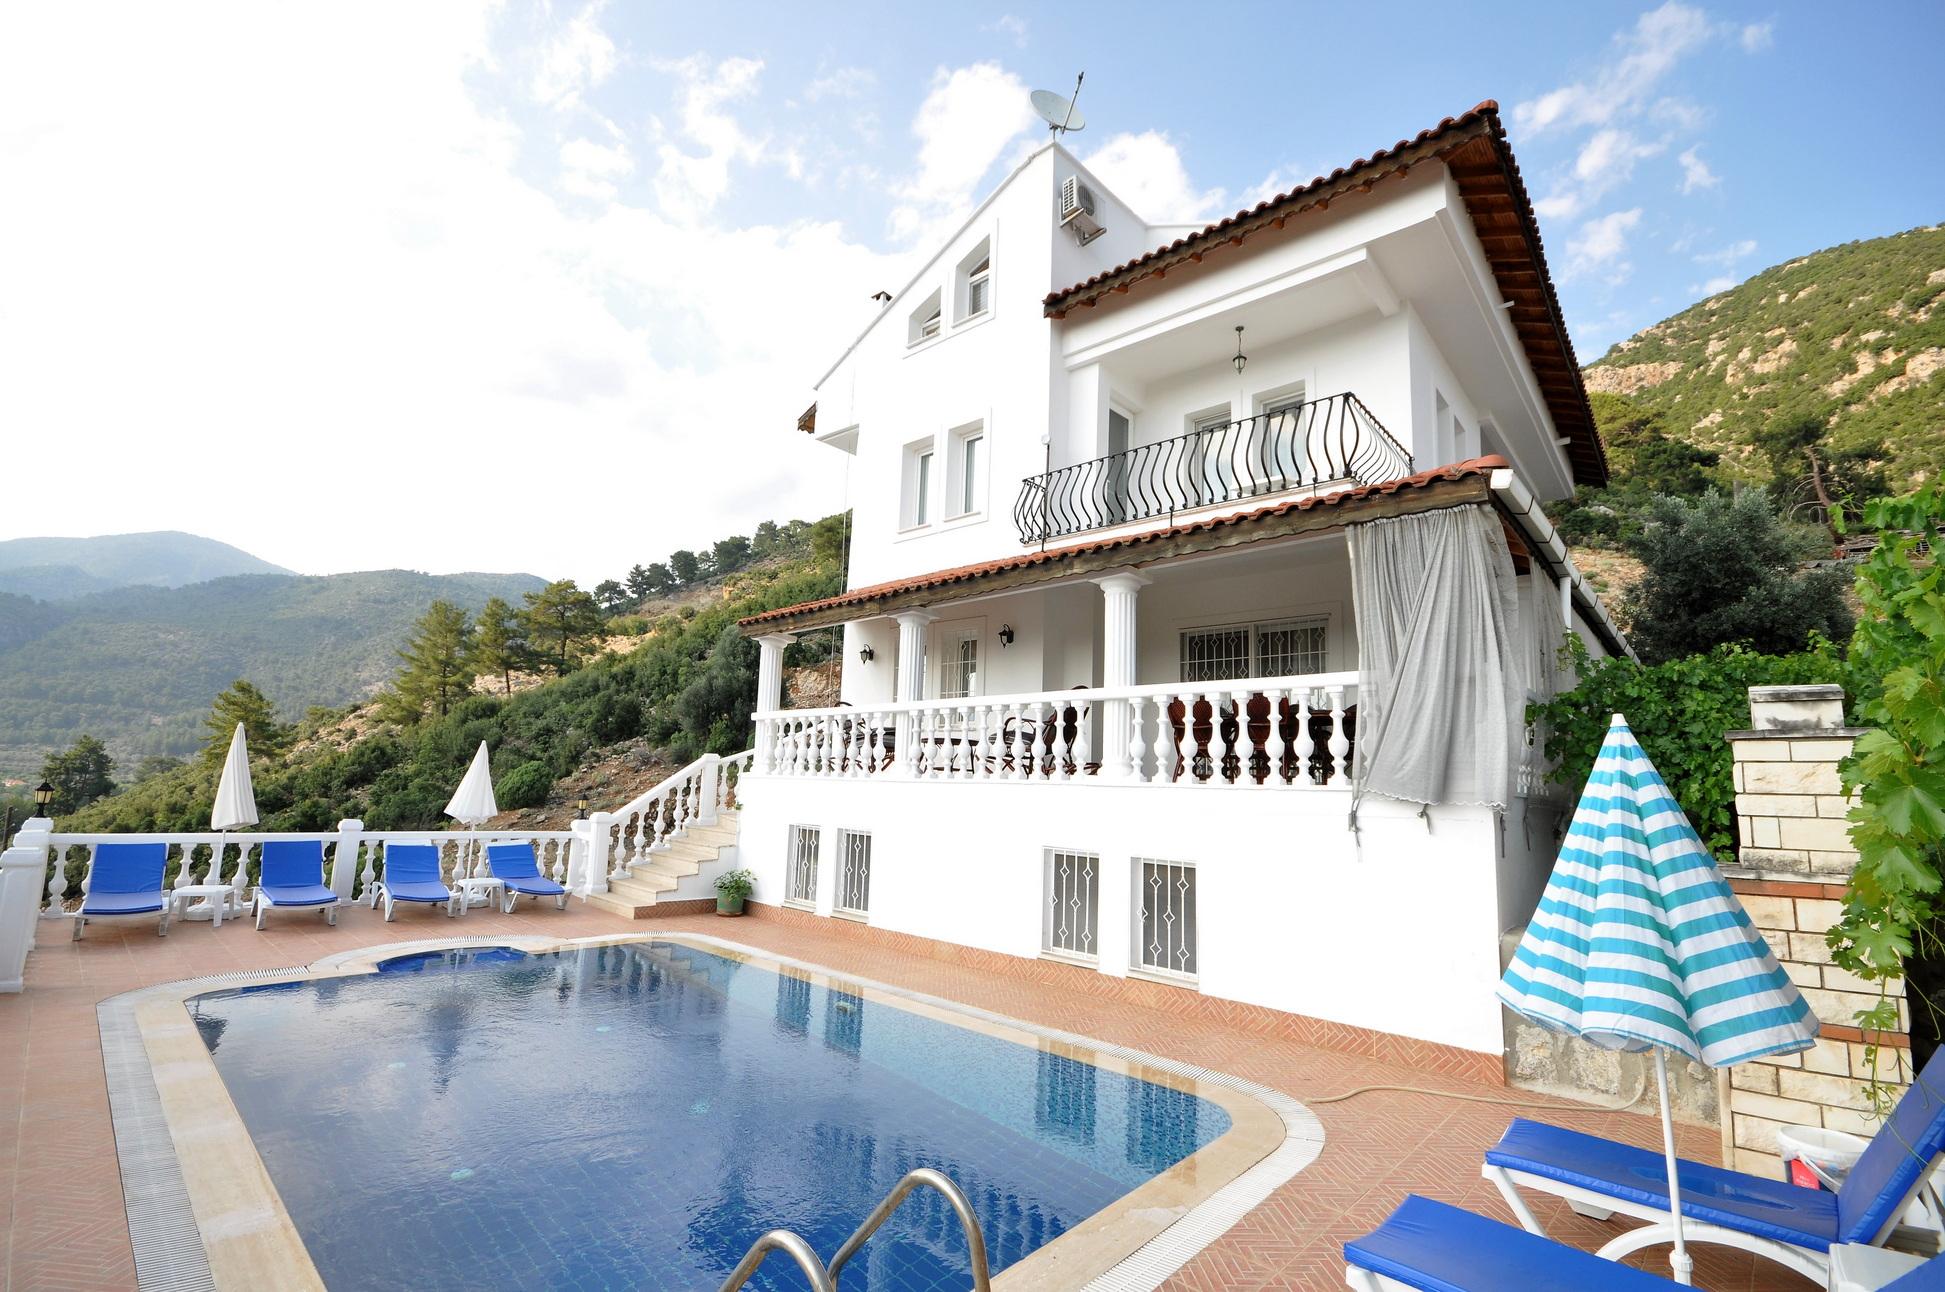 8 Bedroom Detached Villa with Pool in Uzumlu For Sale